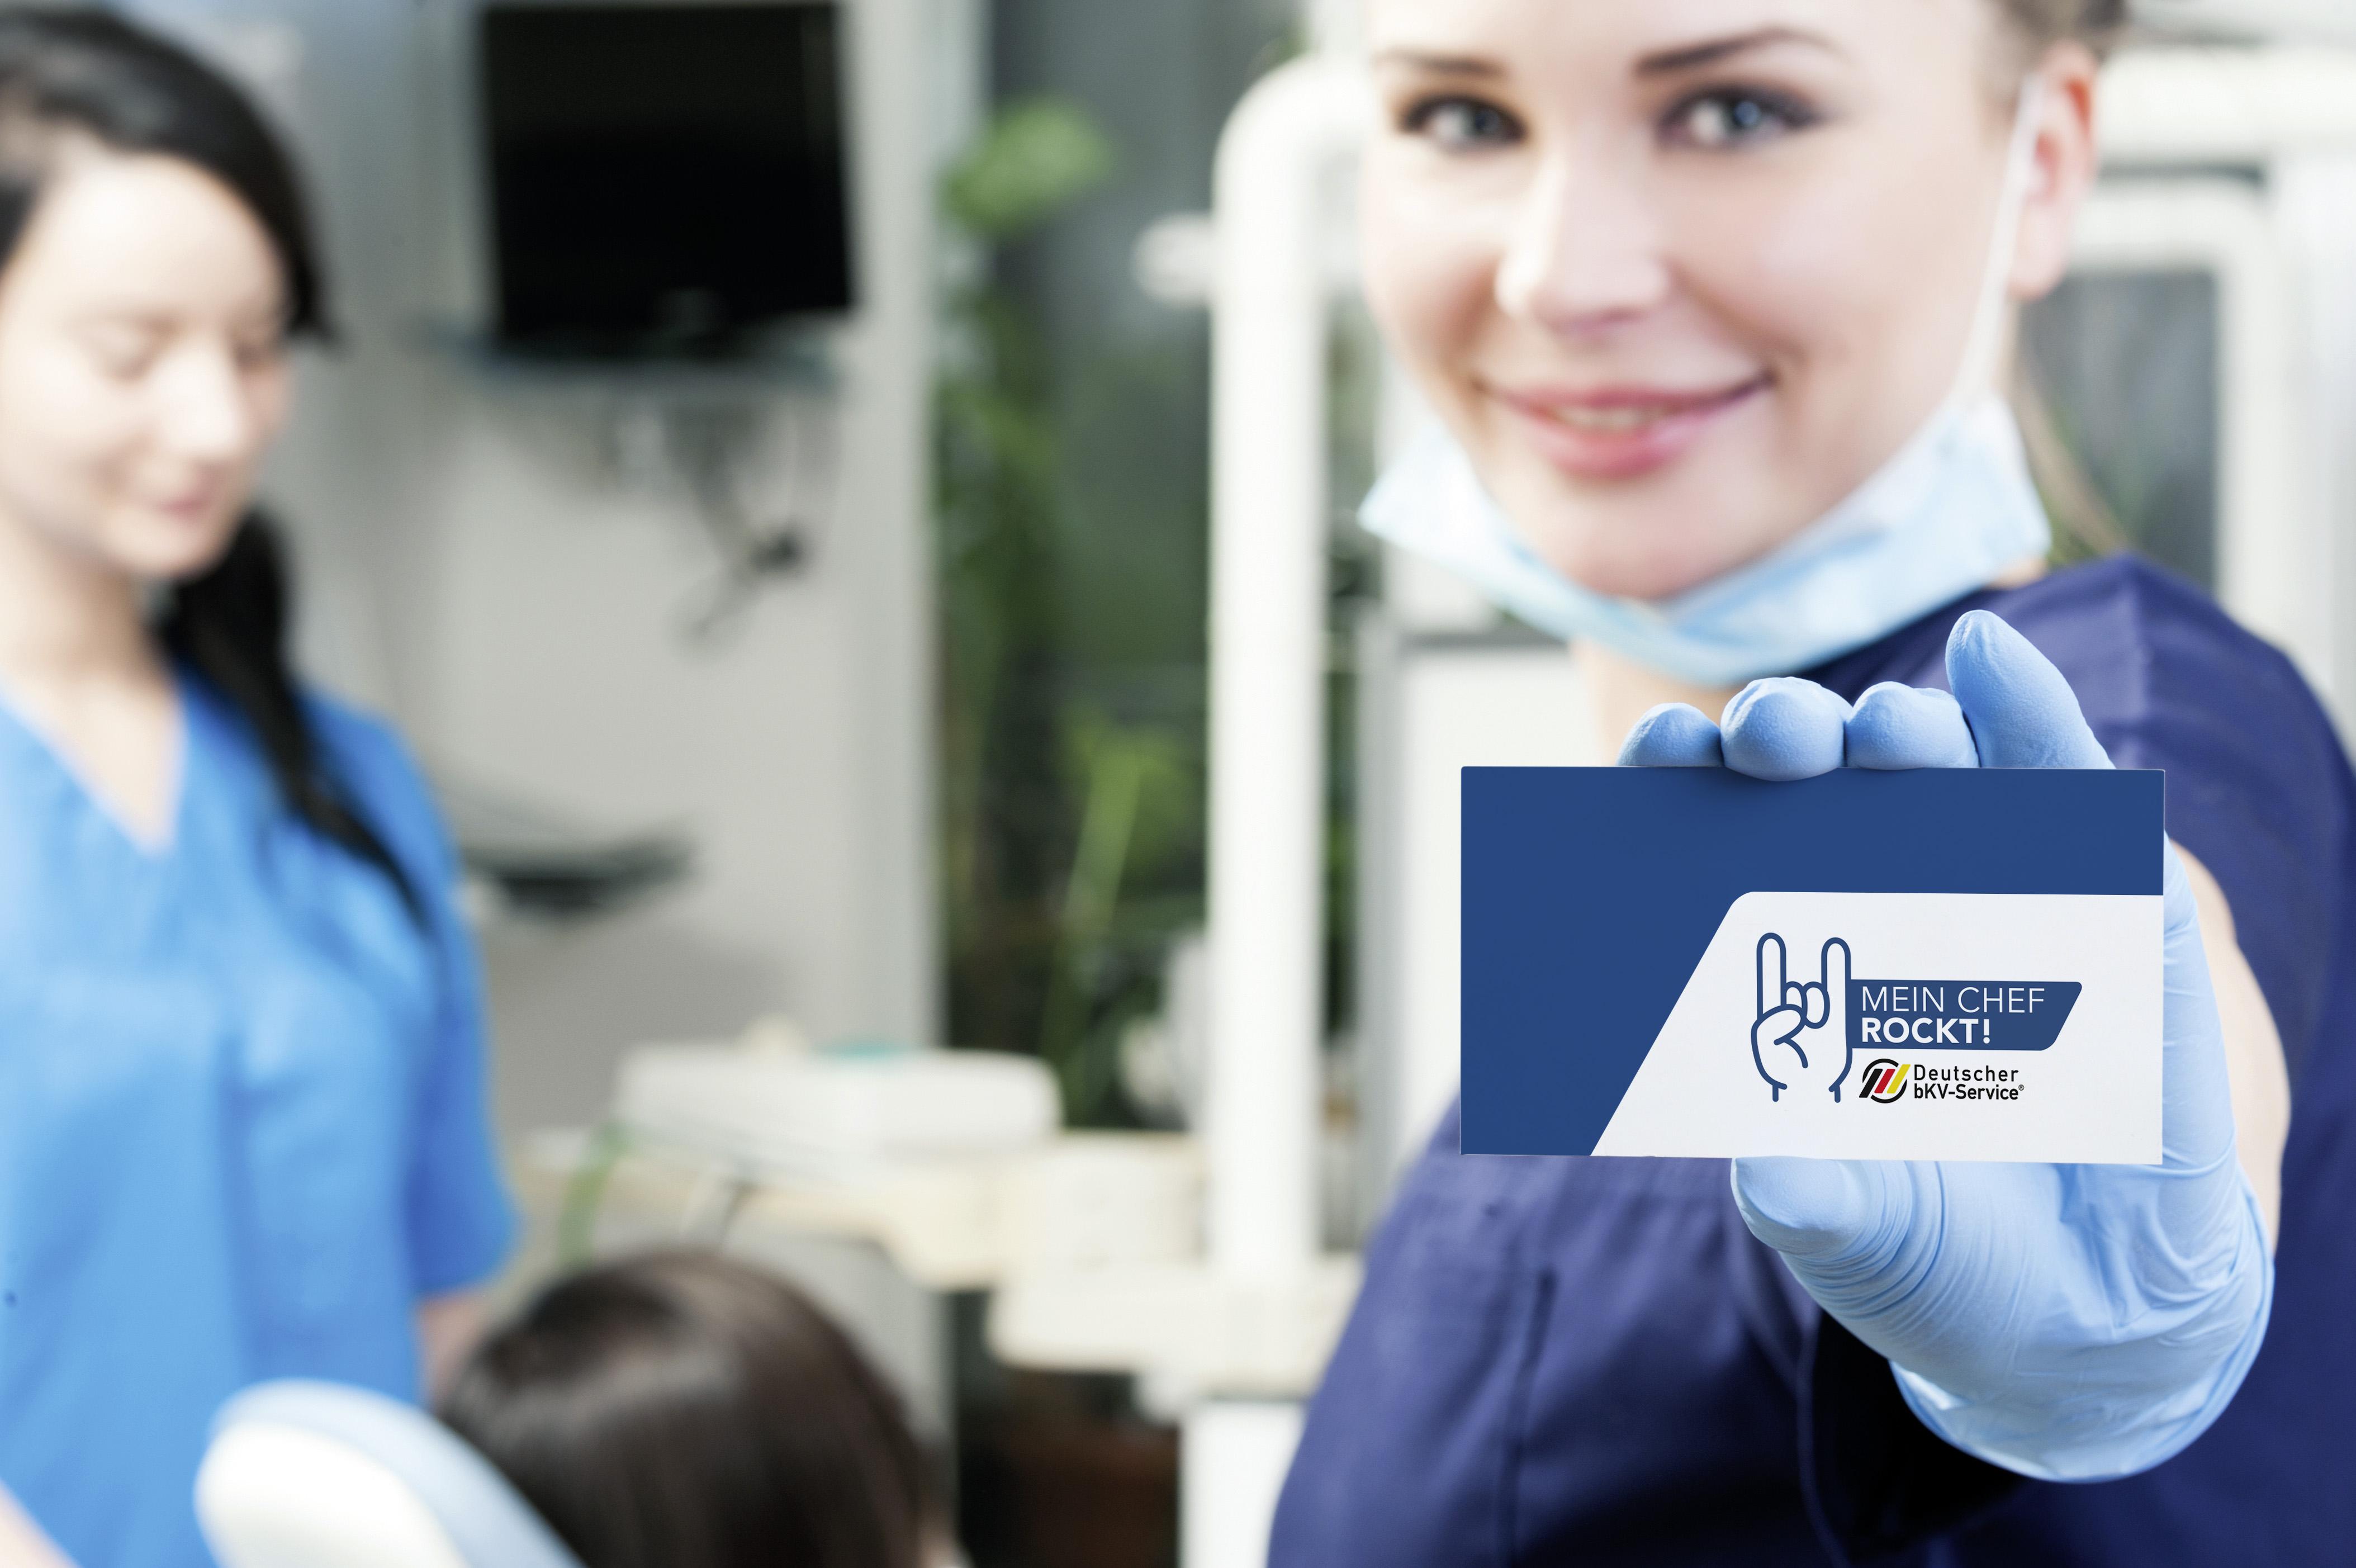 betriebliche krankenversicherung für das Paxisteam vom Chef